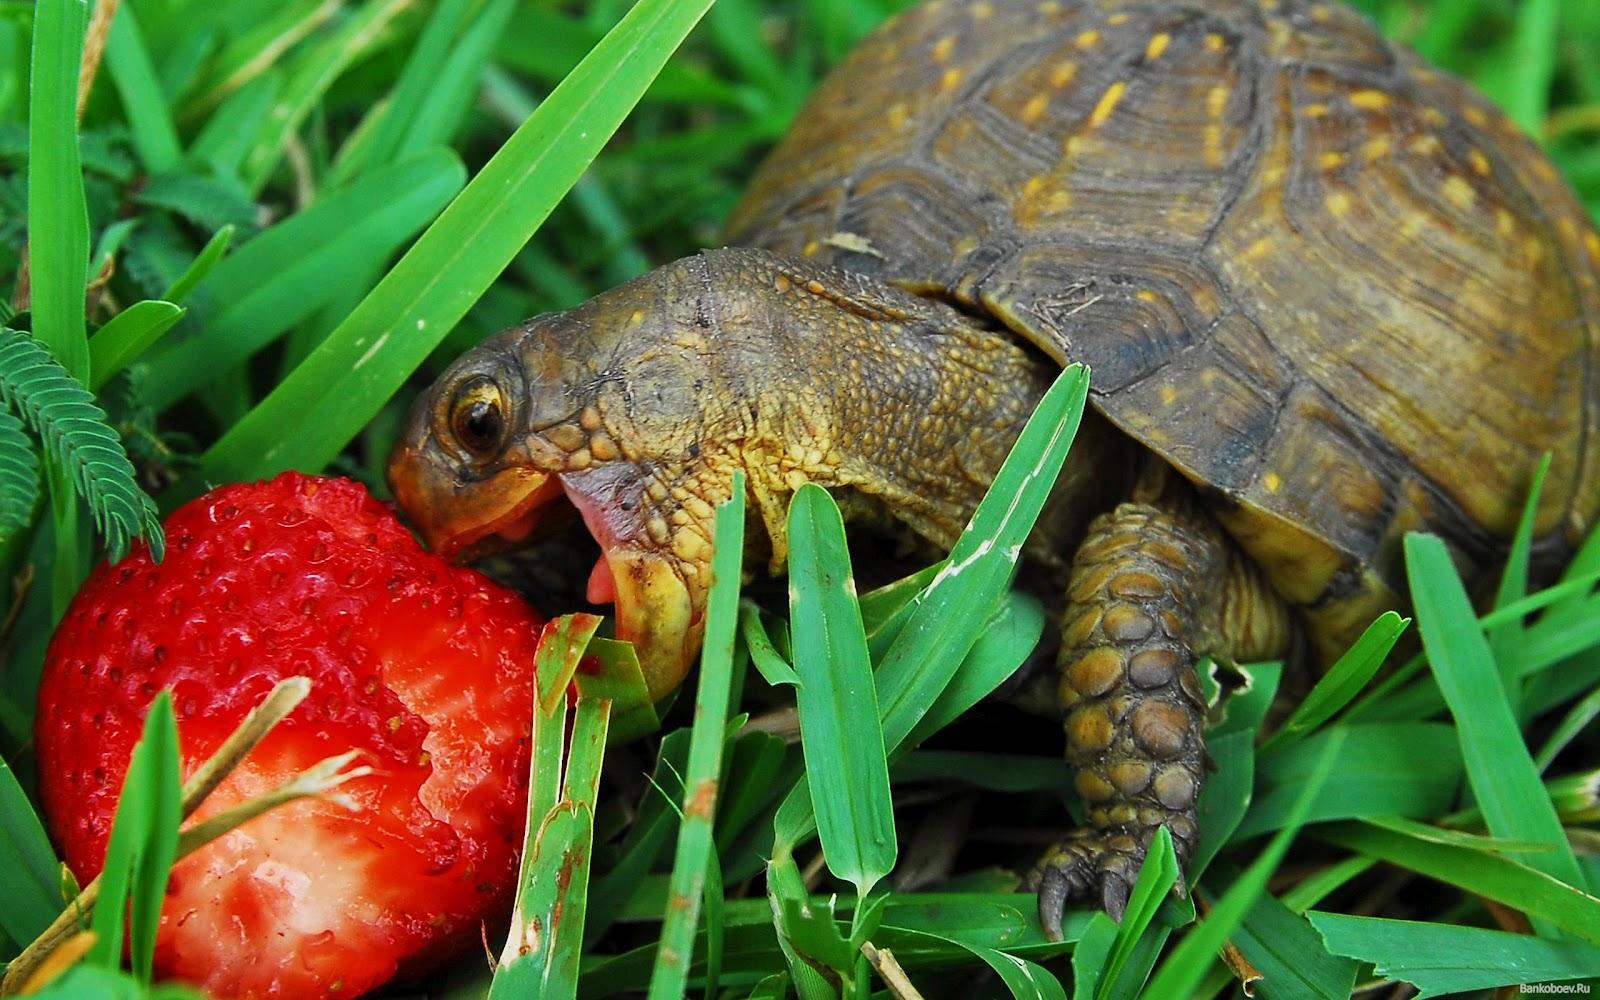 Mondo dei rettili alimentazione delle tartarughe di terra for Vasche da interrare per tartarughe